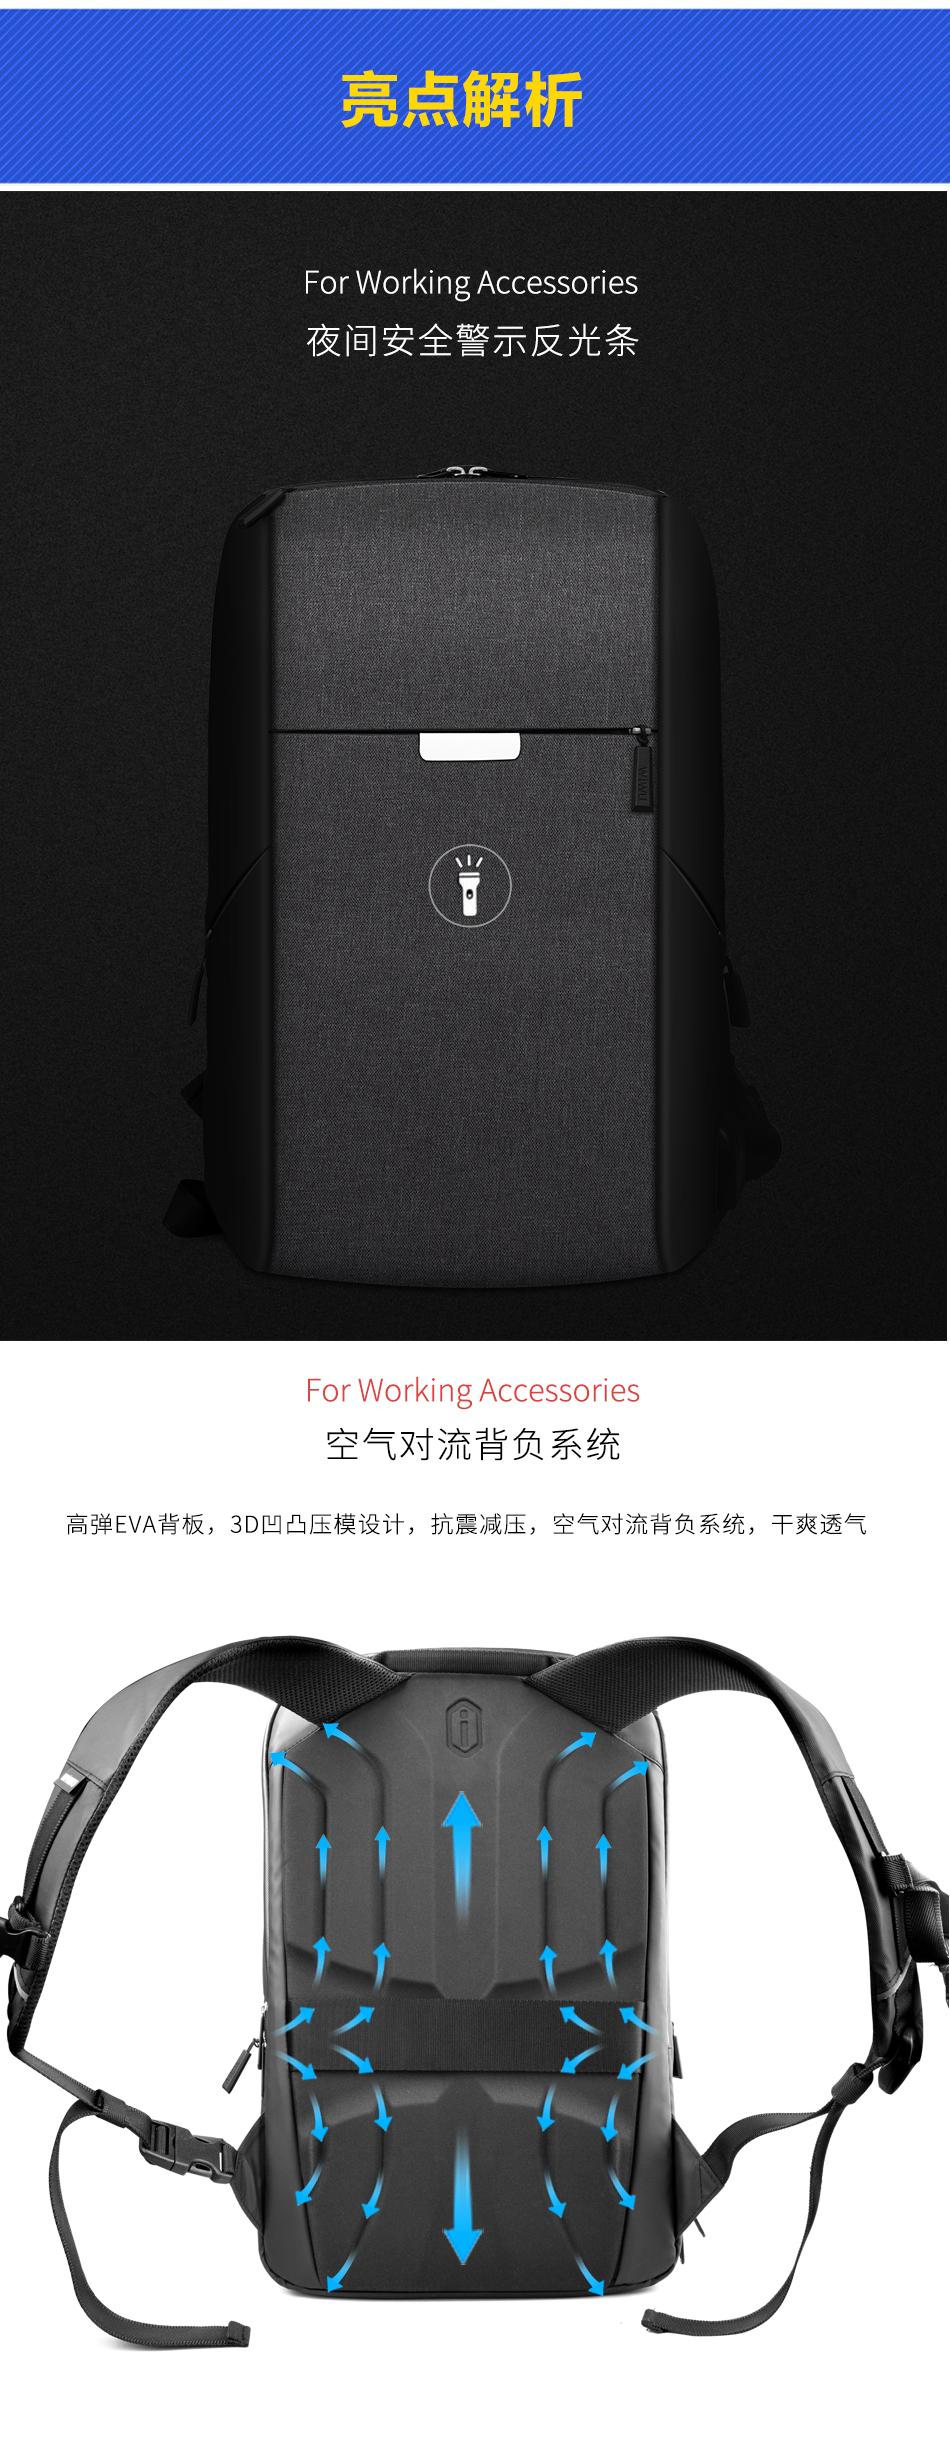 WiWU 阿帕奇双肩背包男士15.6英寸笔记本电脑包背包苹果联想华硕戴尔小米商务背包休闲多功能大容量旅行包